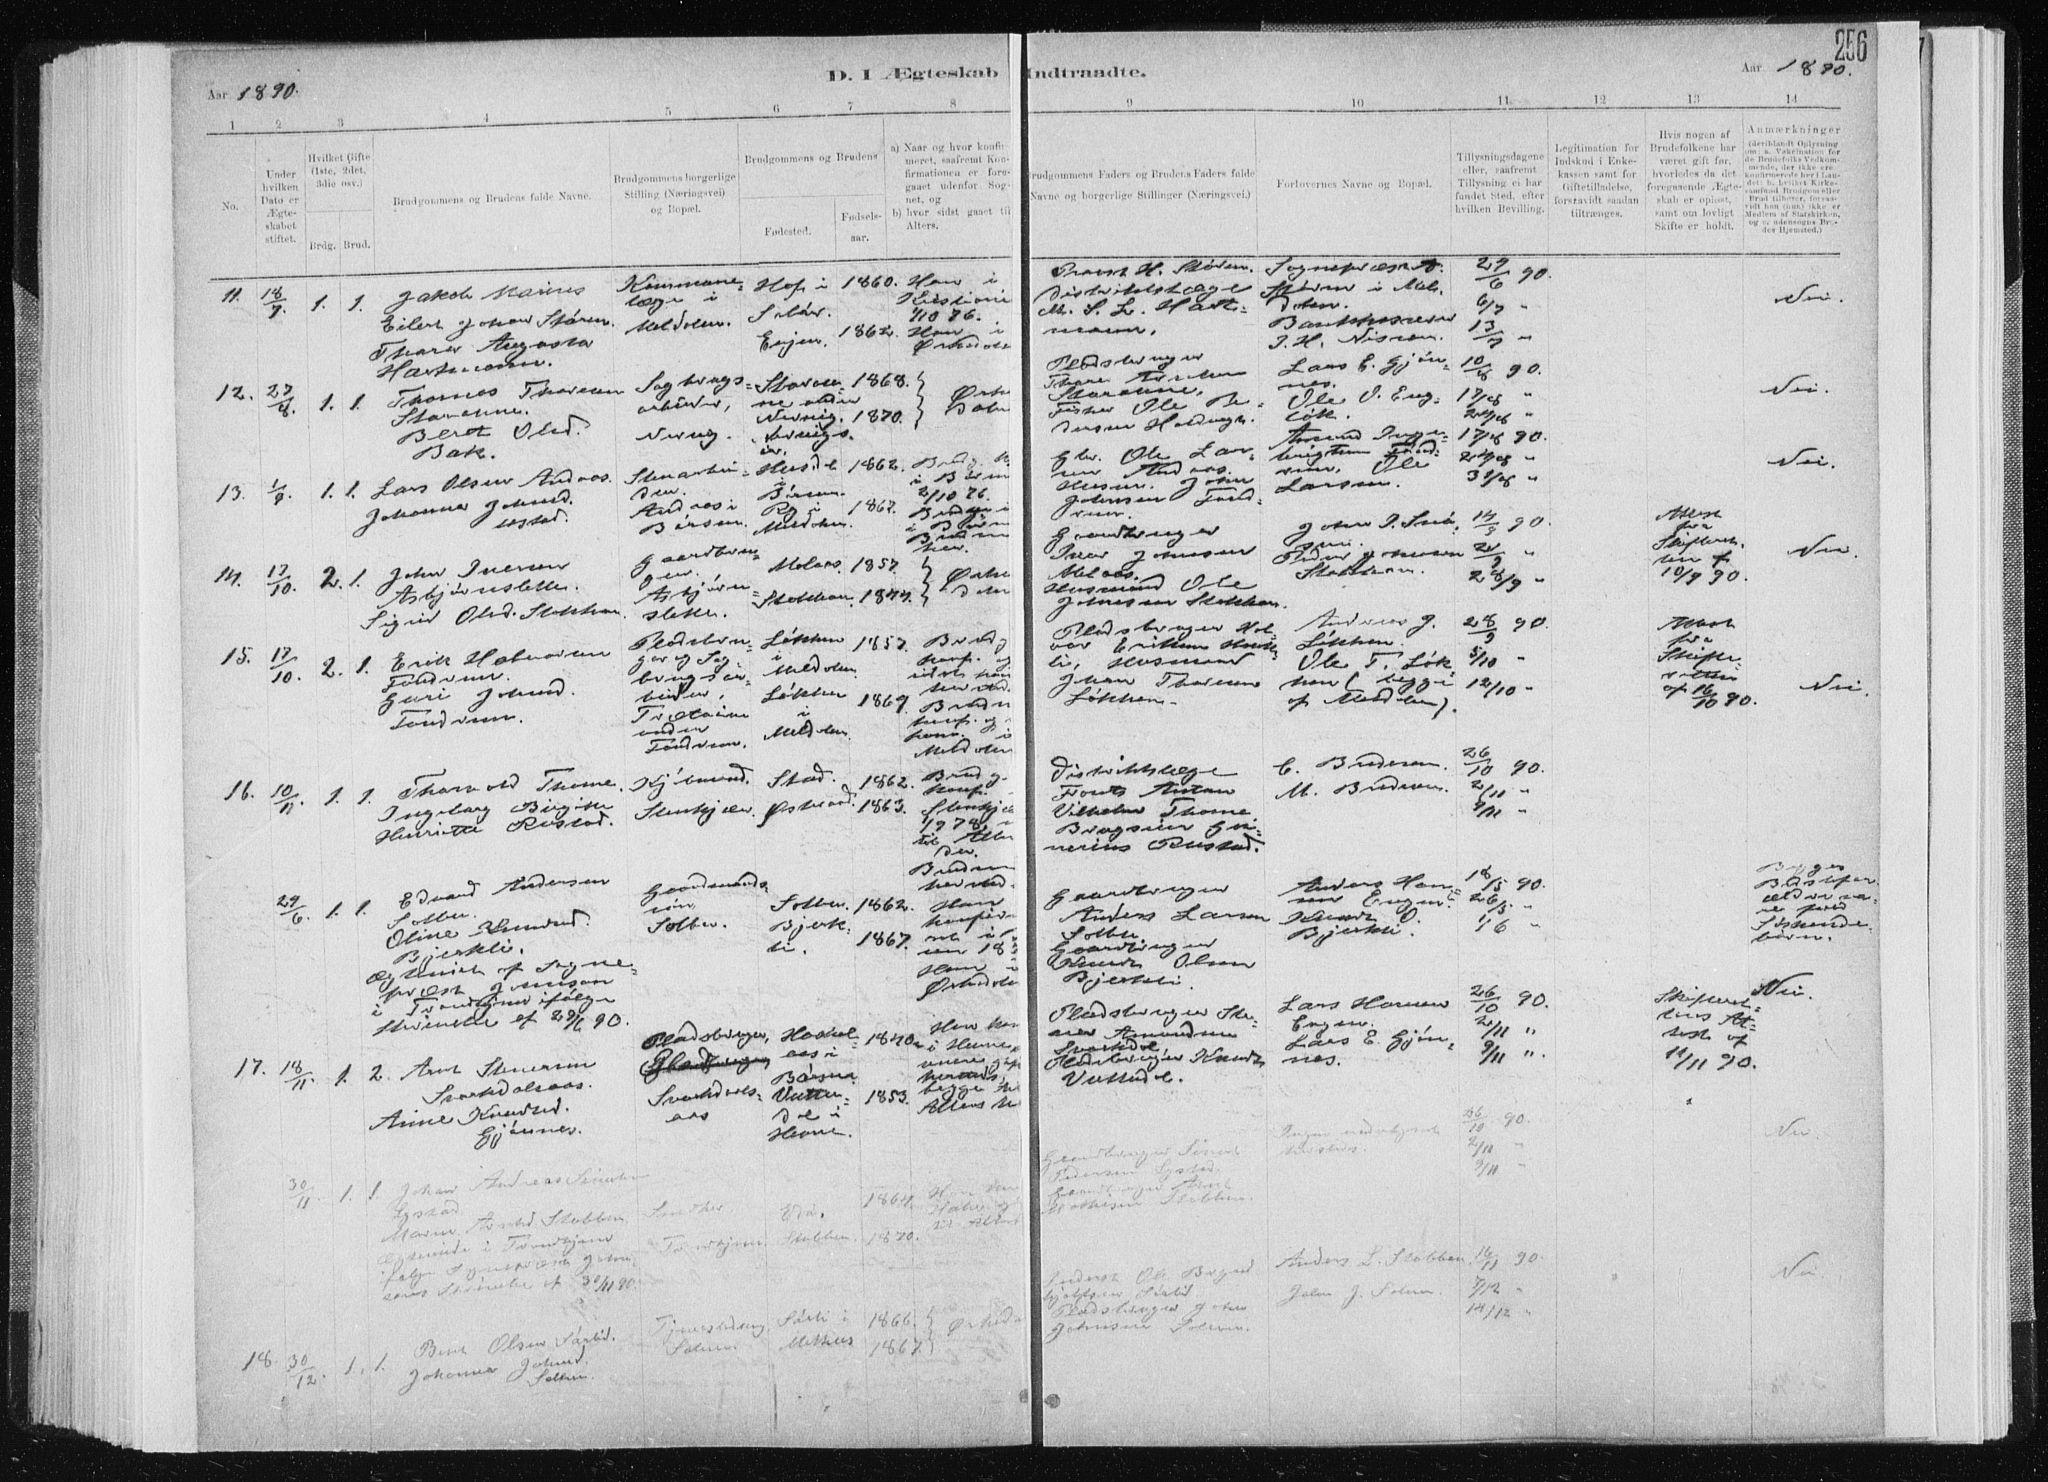 SAT, Ministerialprotokoller, klokkerbøker og fødselsregistre - Sør-Trøndelag, 668/L0818: Klokkerbok nr. 668C07, 1885-1898, s. 256